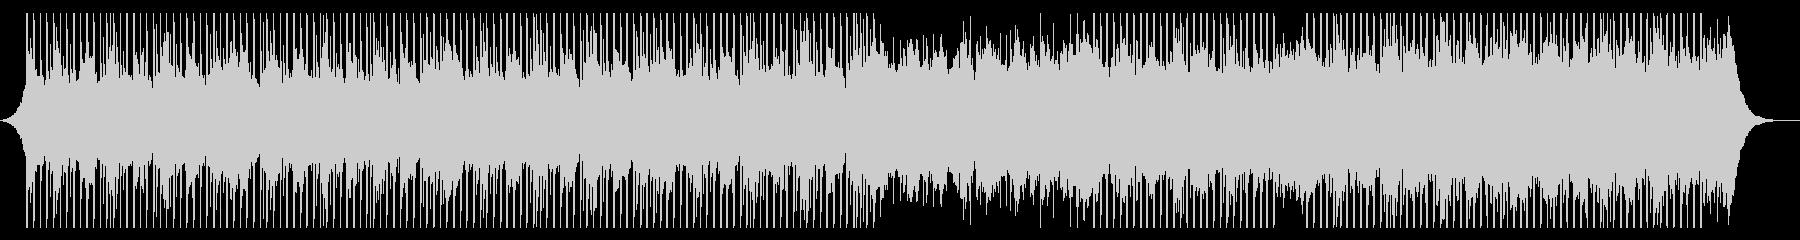 説明者の音楽の未再生の波形